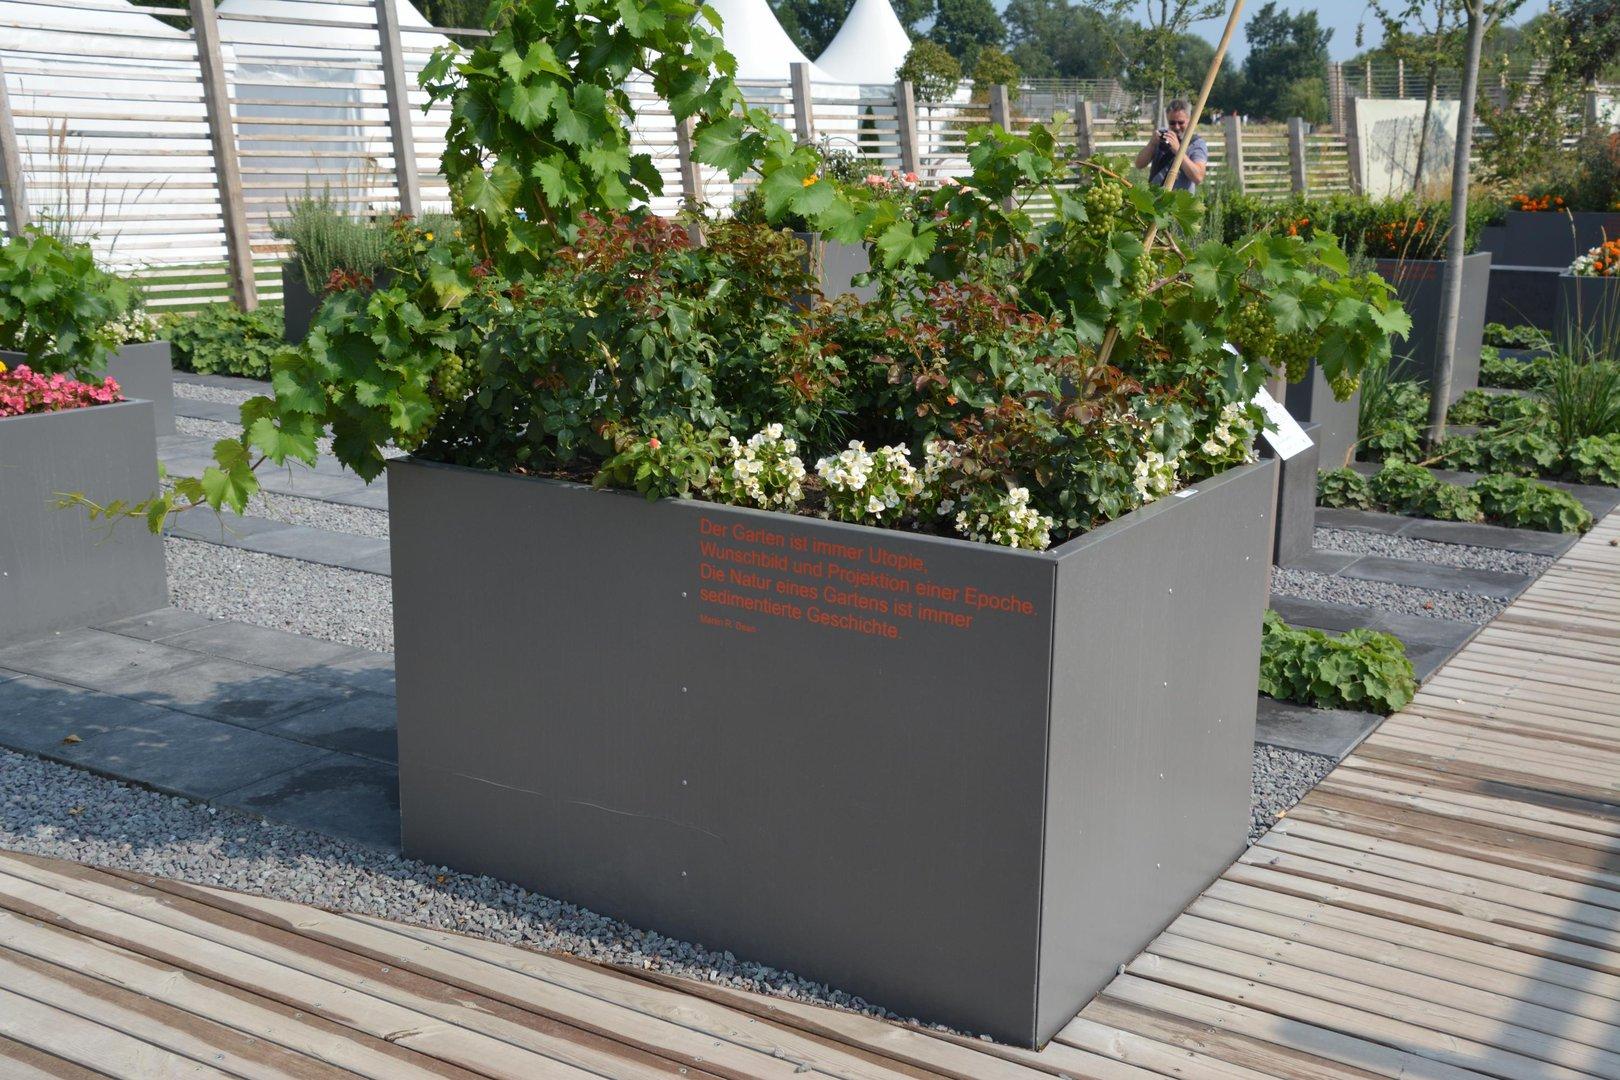 hochbeet urban metall 1 1 x 1 1 m h he 0 7 m beschichtet. Black Bedroom Furniture Sets. Home Design Ideas